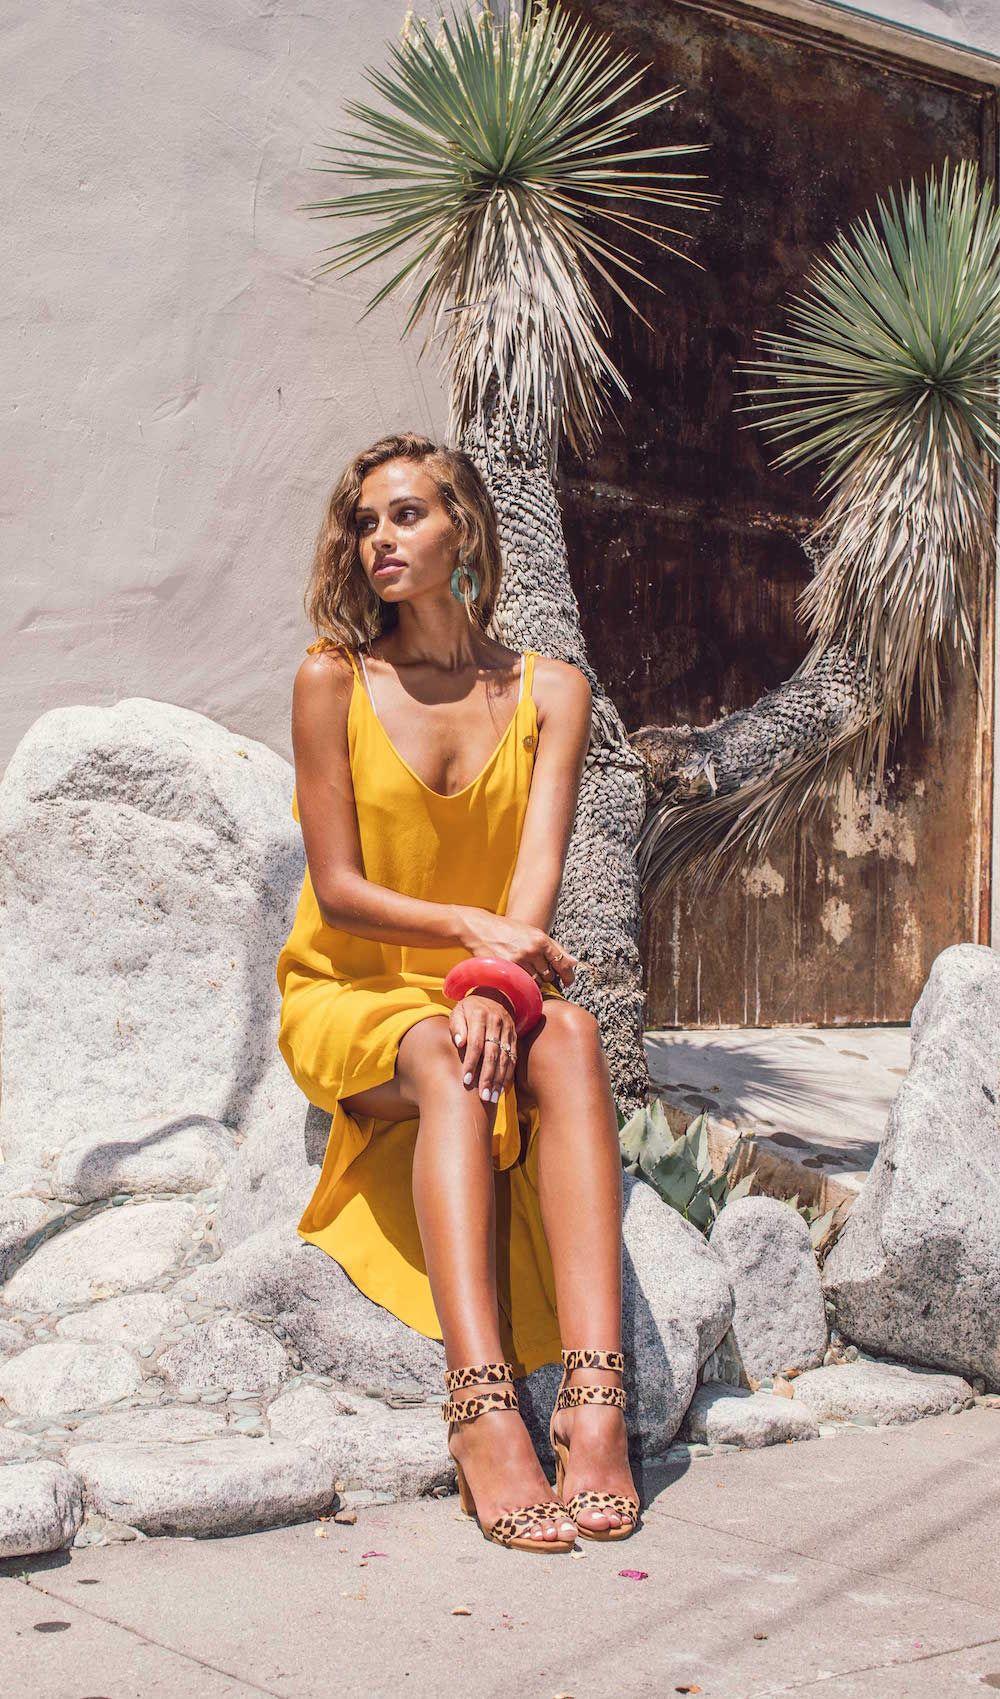 Bared_Footwear_Womens_Flicker_Leopard_Heels_LA_Summer